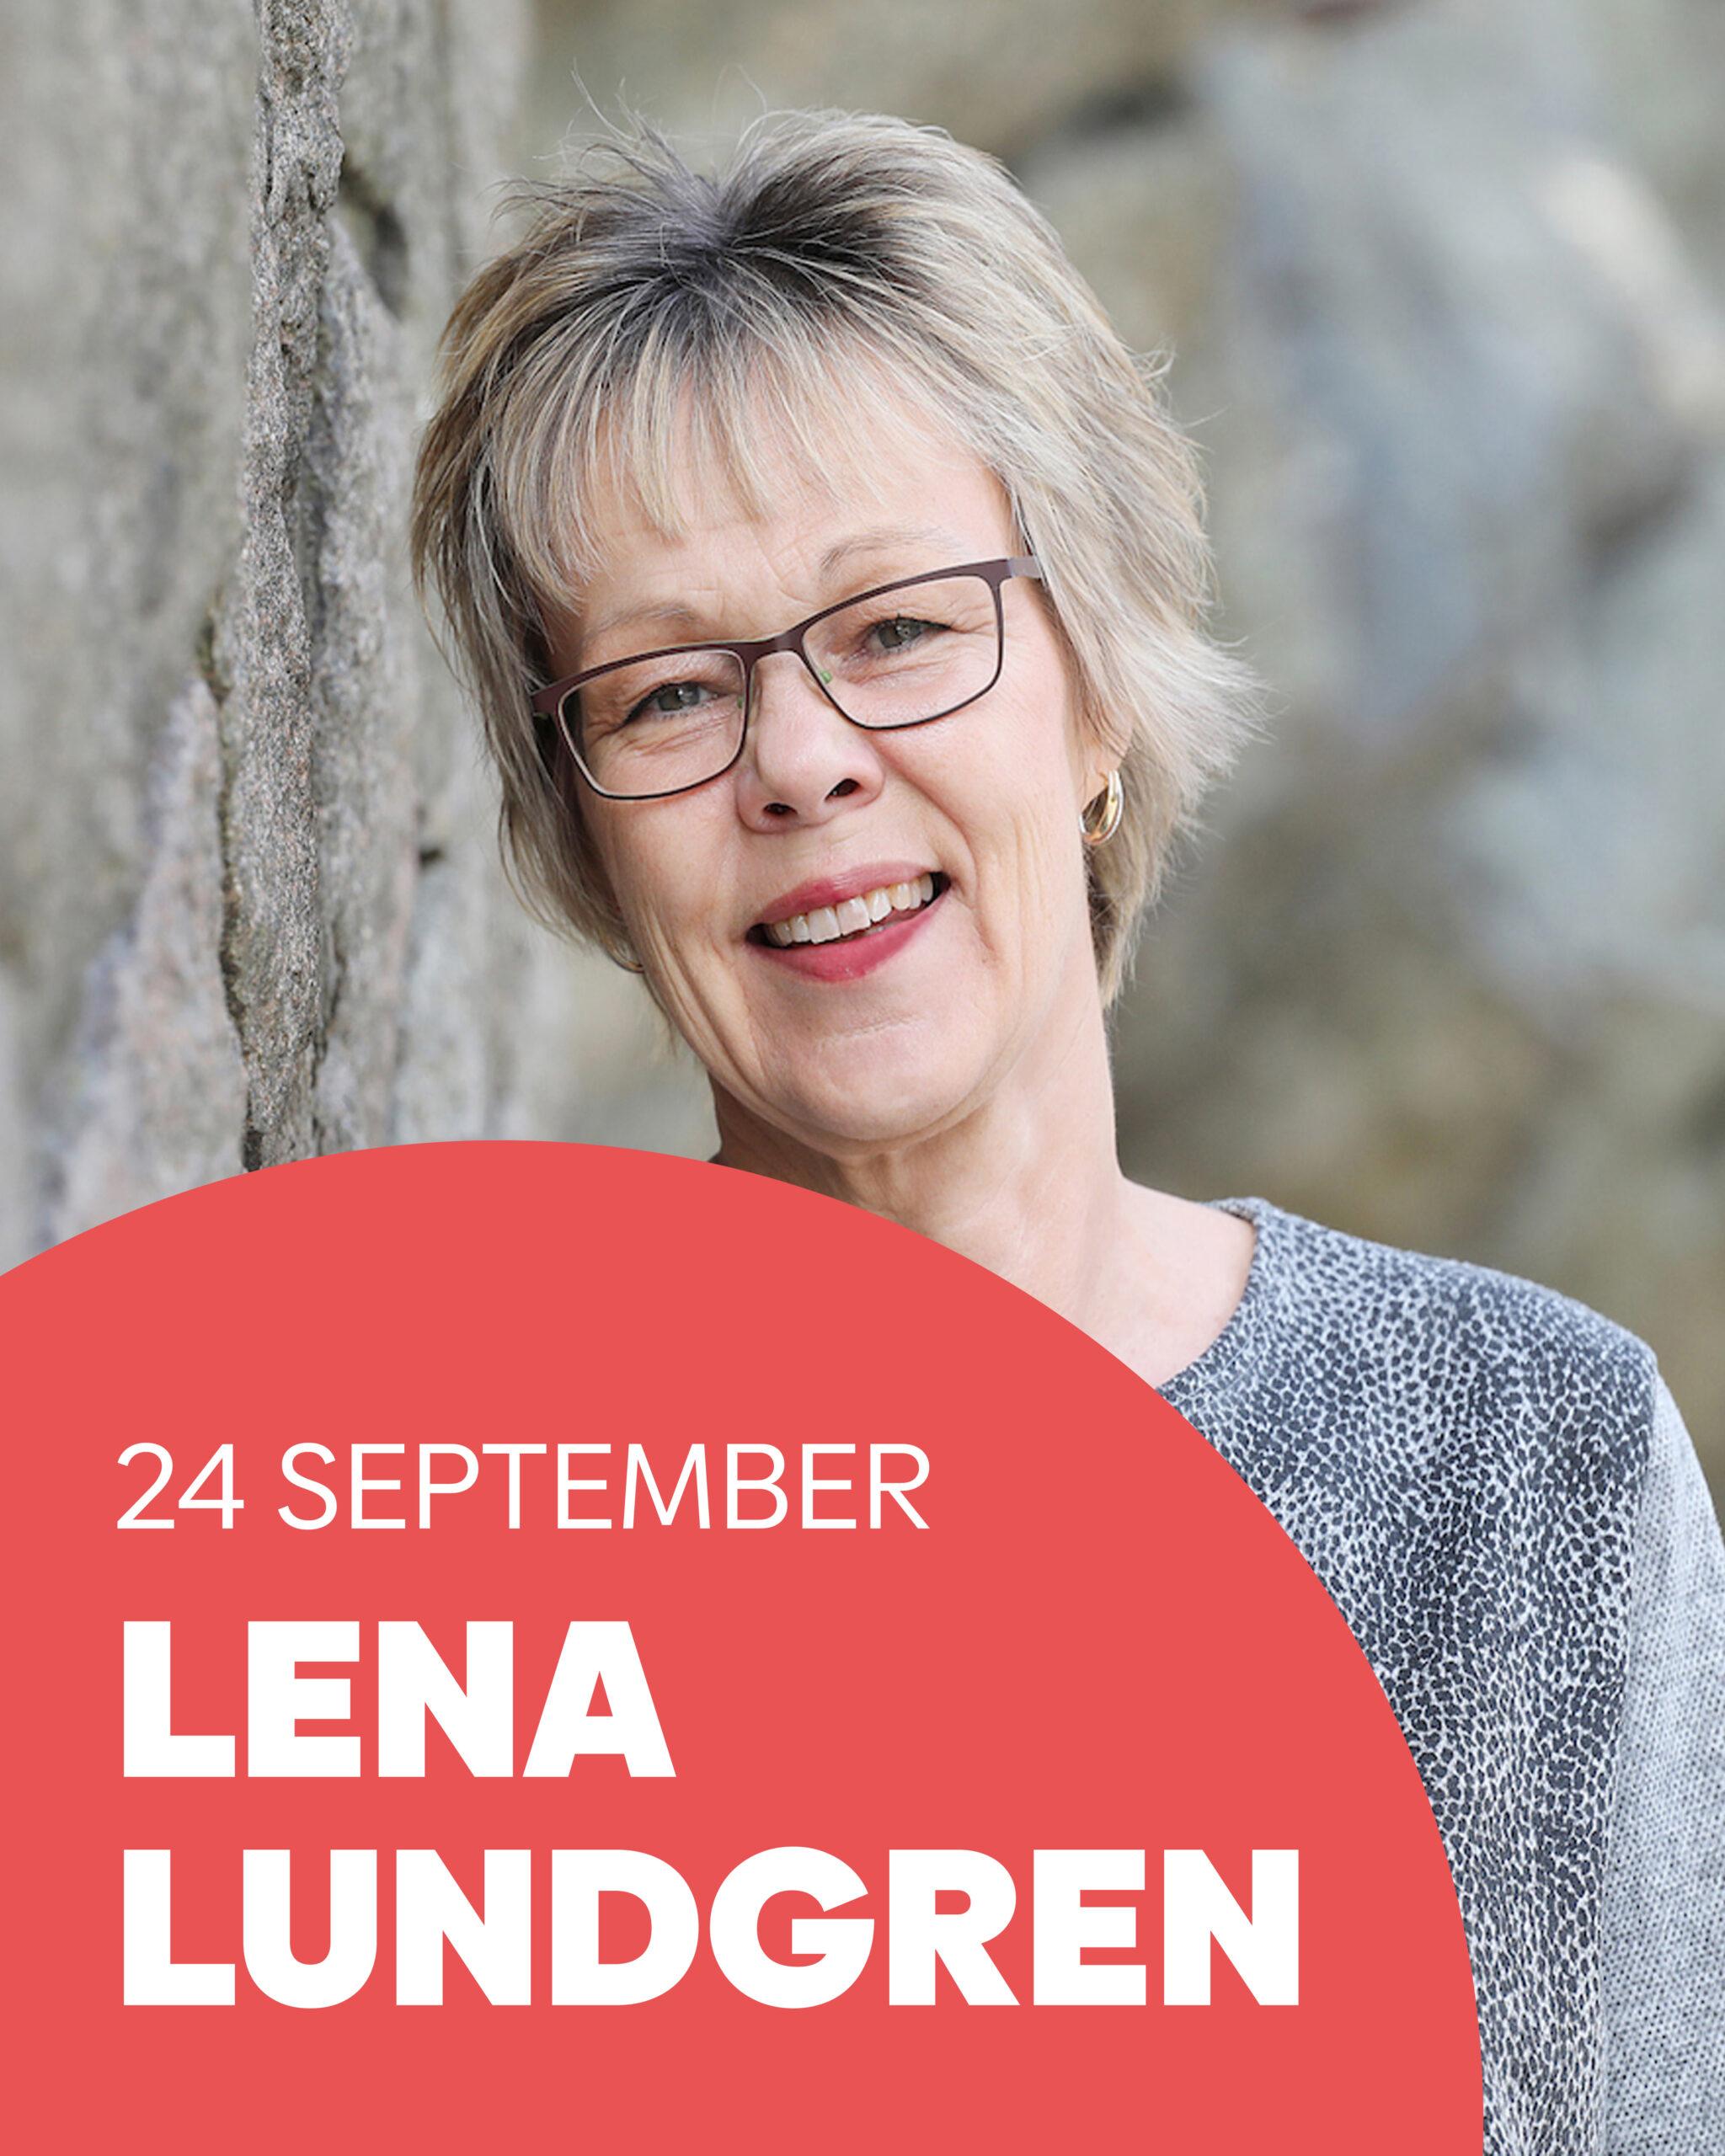 Lena Lundgren